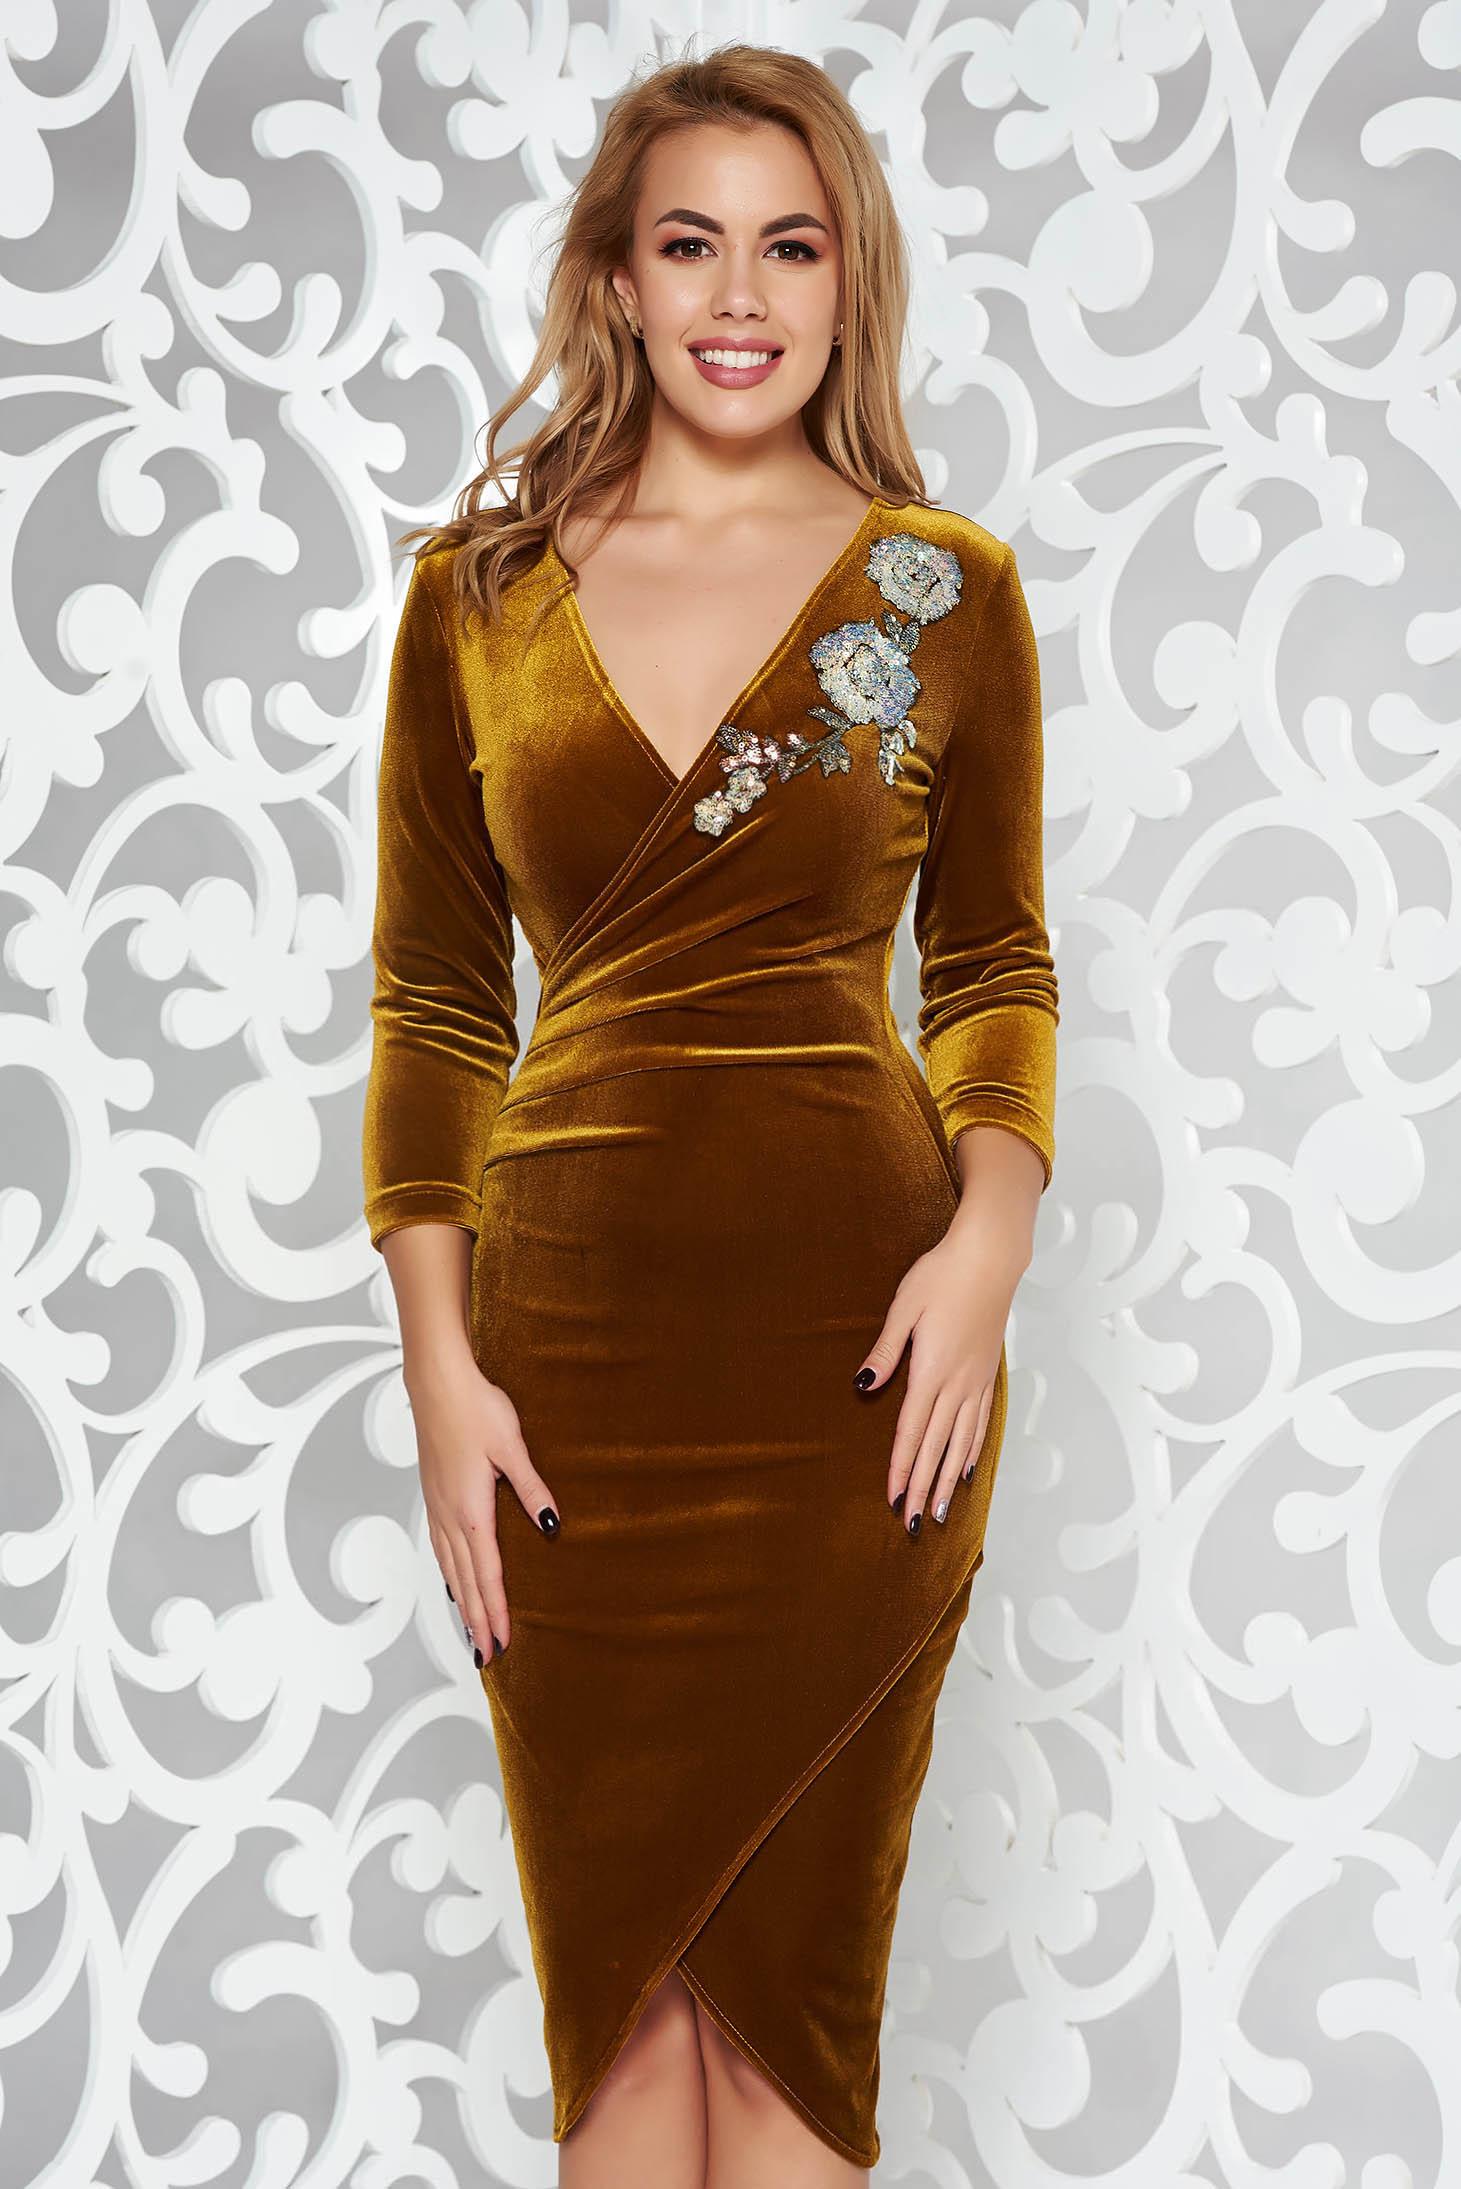 Mustar StarShinerS alkalmi bársony ruha szűk szabás flitteres díszítés átfedéses